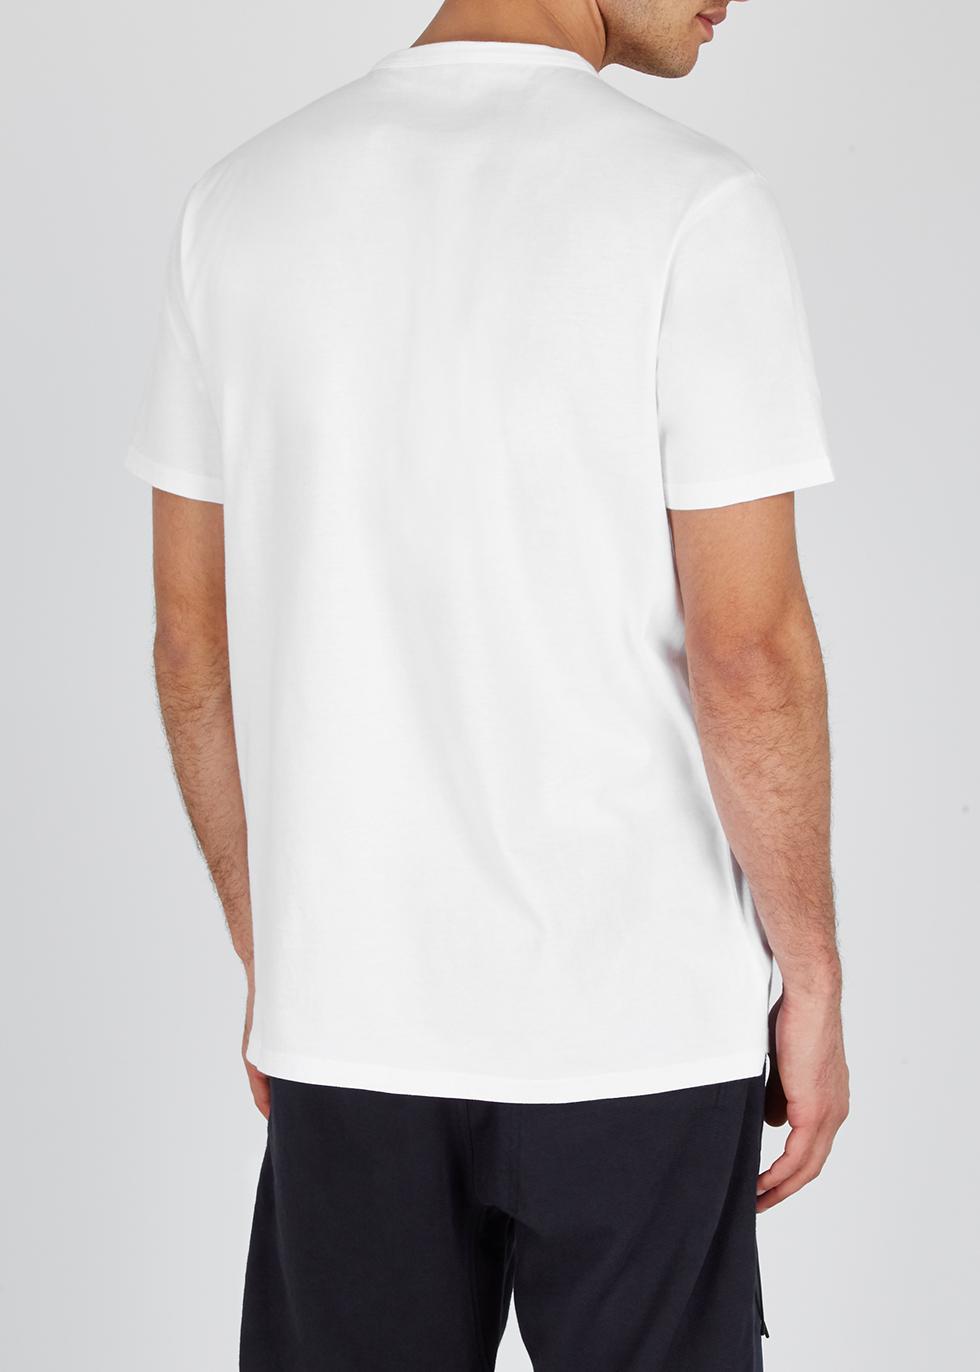 White logo cotton T-shirt - maharishi